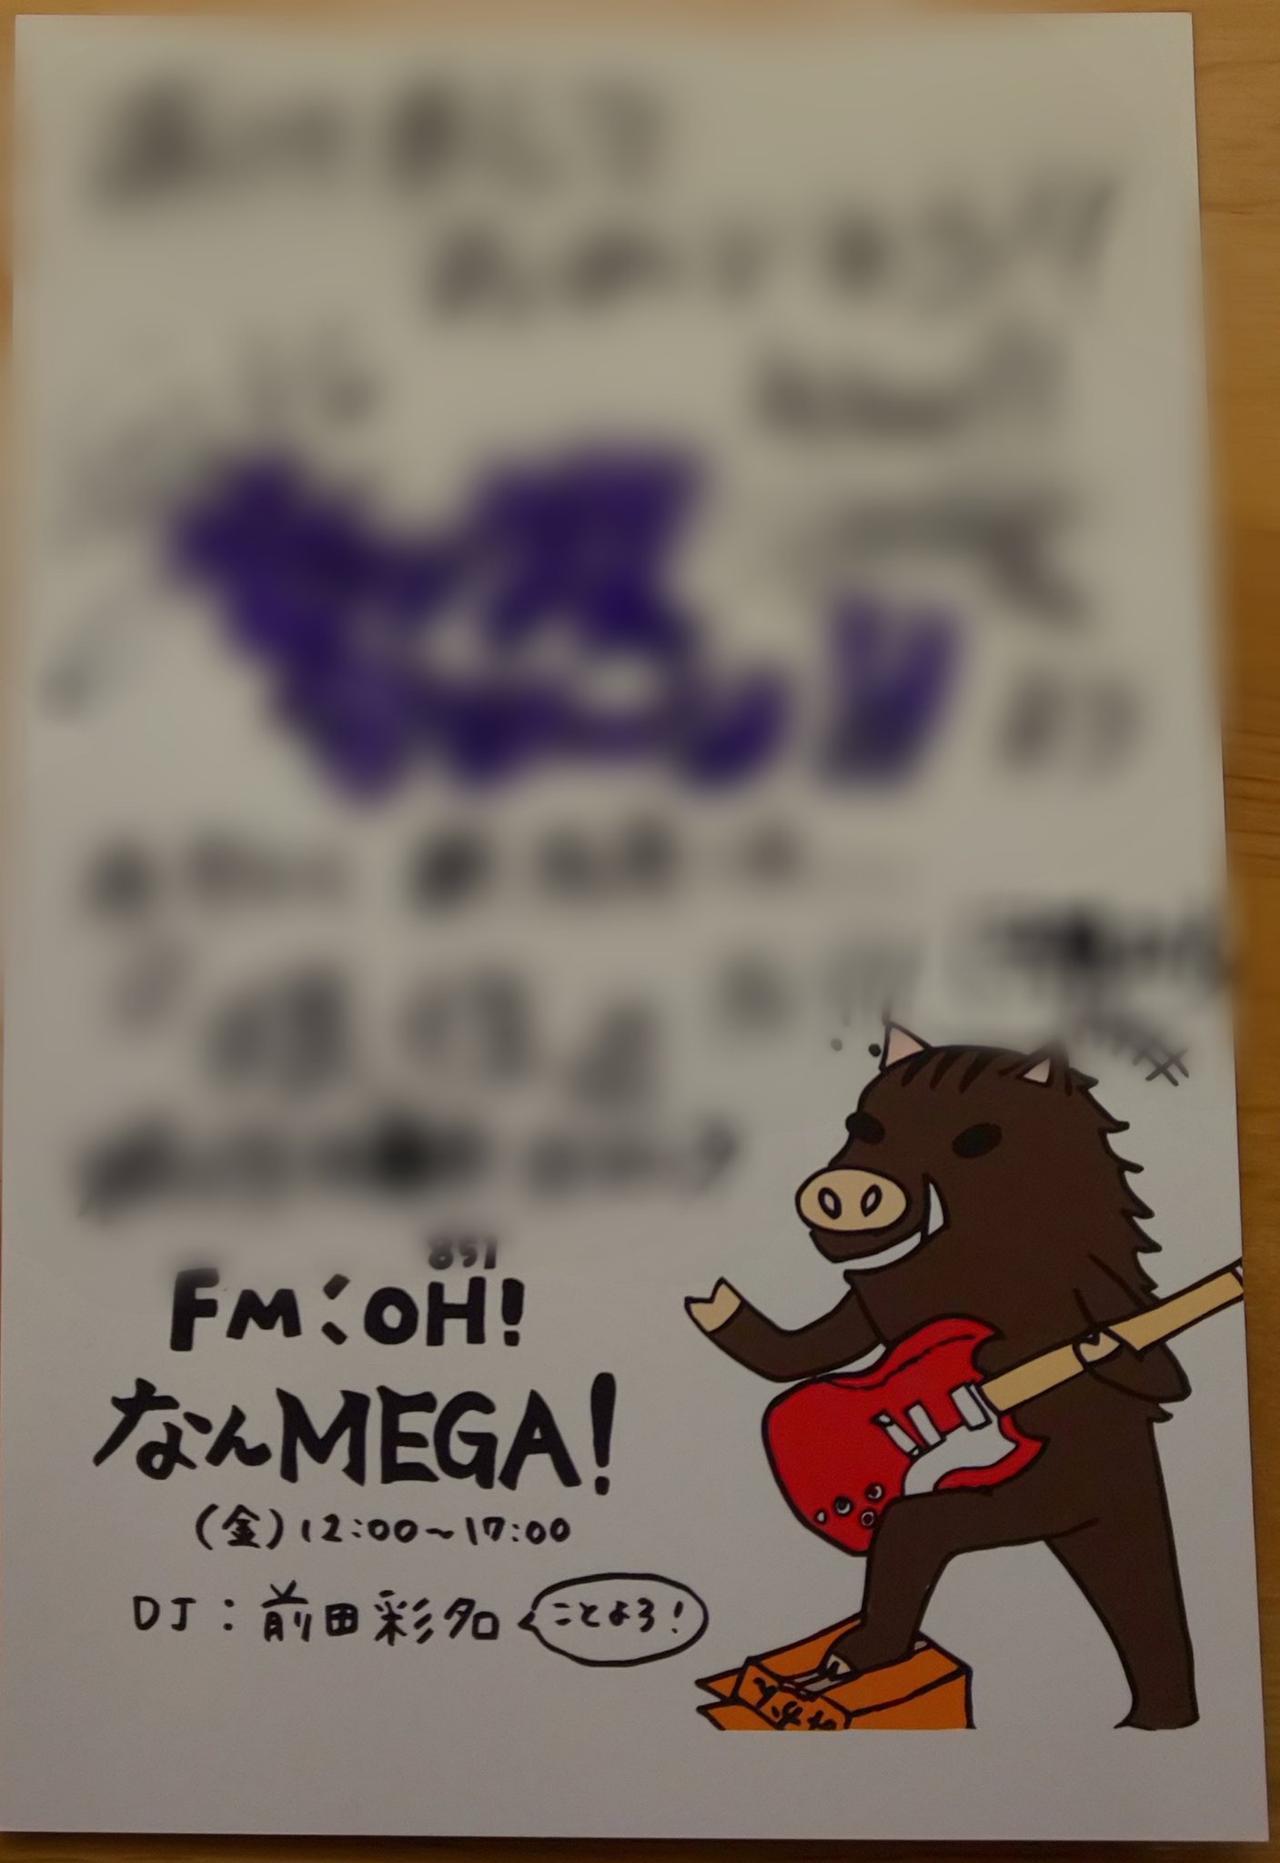 画像7: FM OH! なんMEGA! on Twitter twitter.com